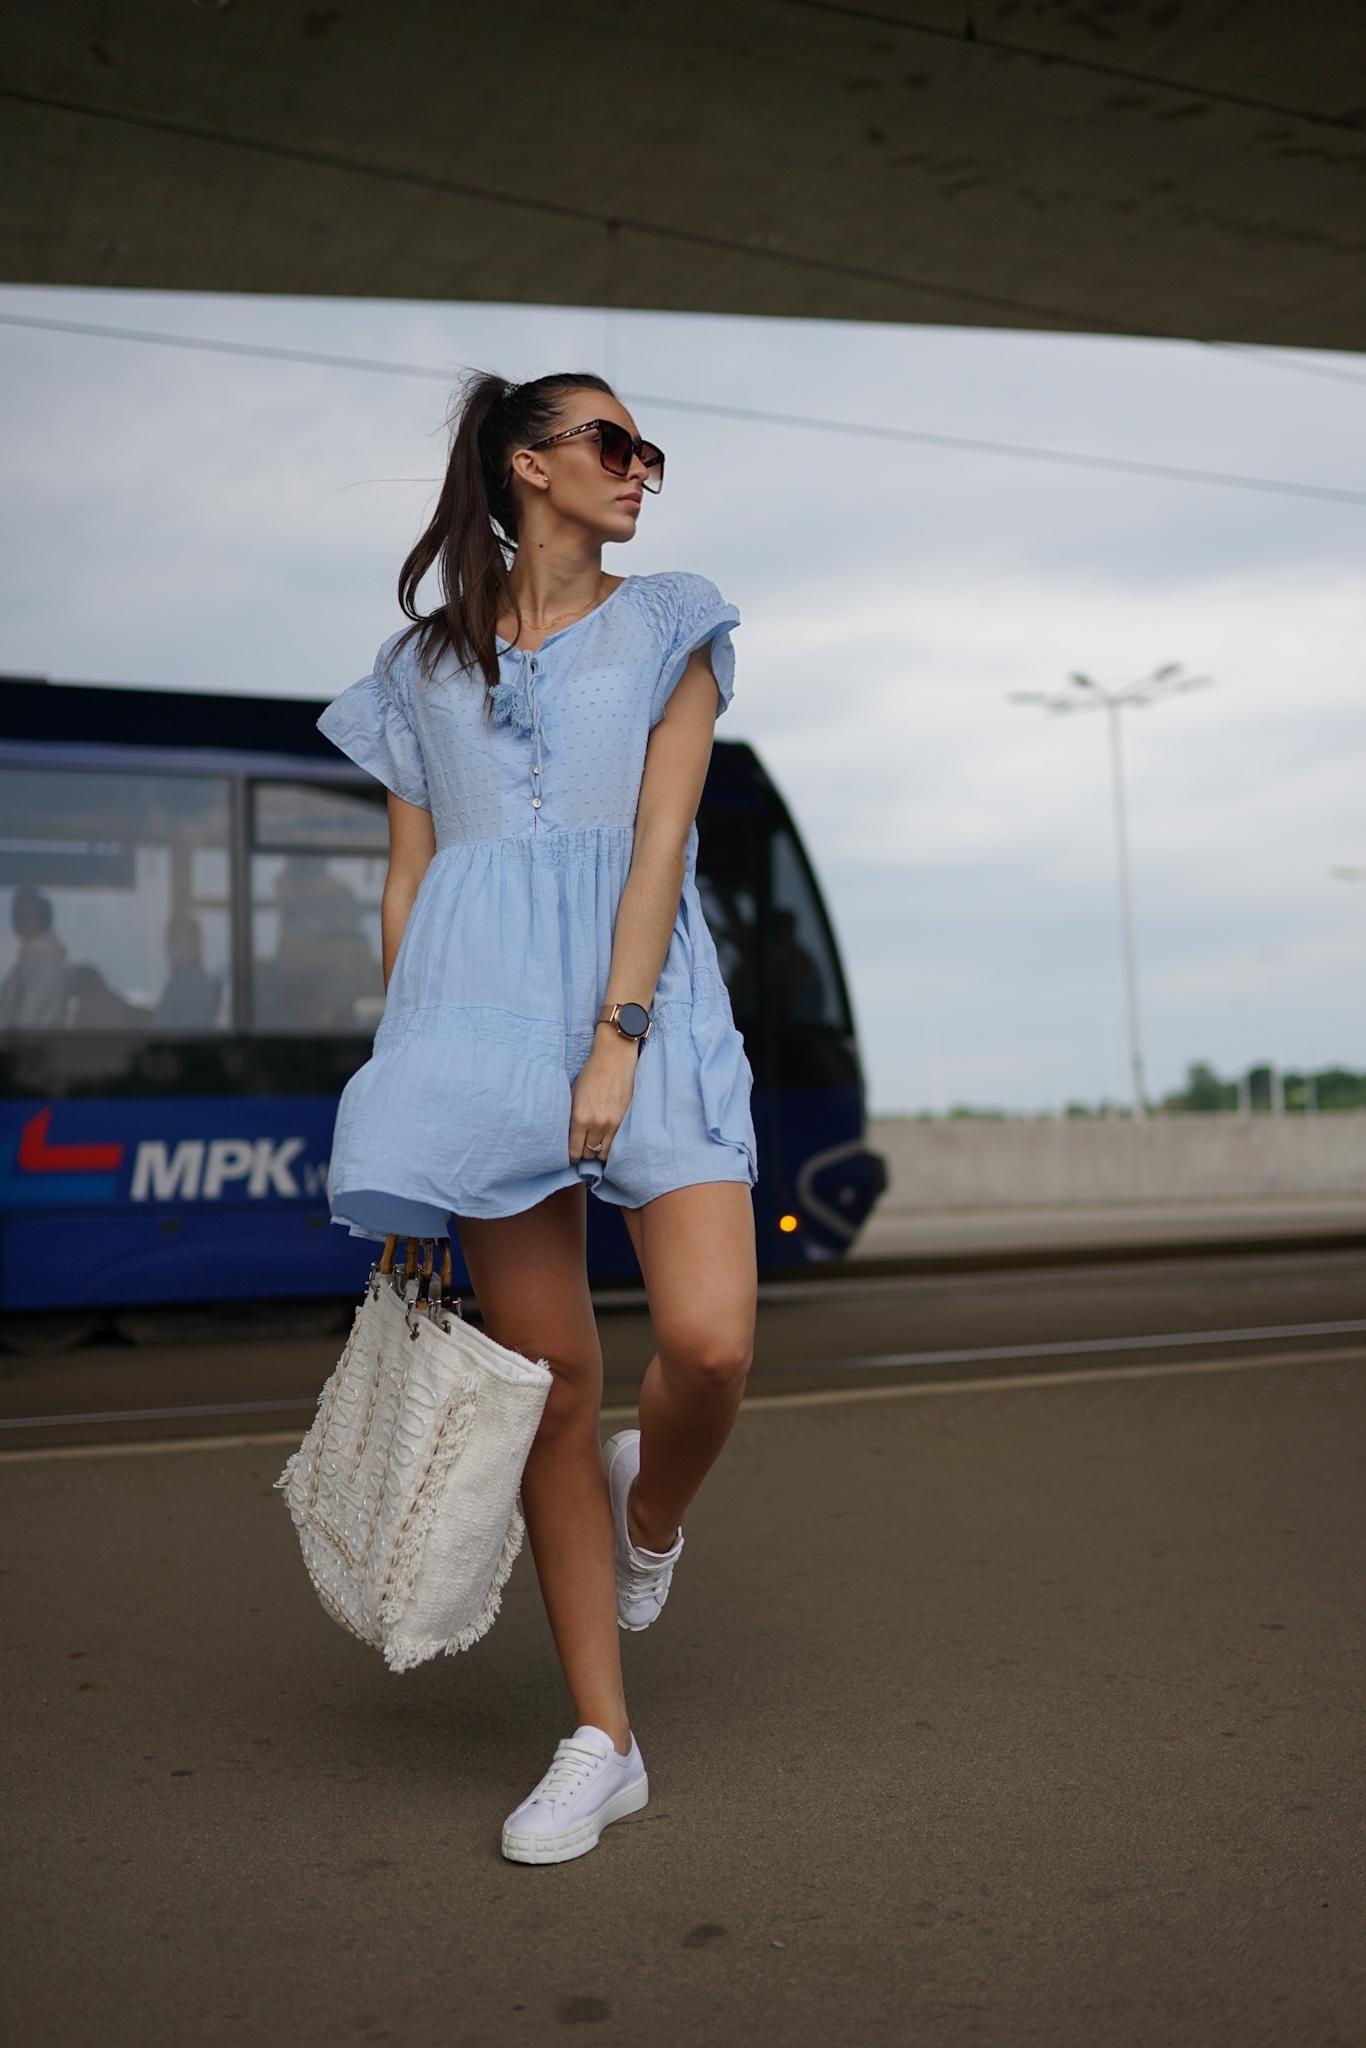 SUKIENKA TUNIKA WIYA SUMMER  BLUE - Zdjęcie